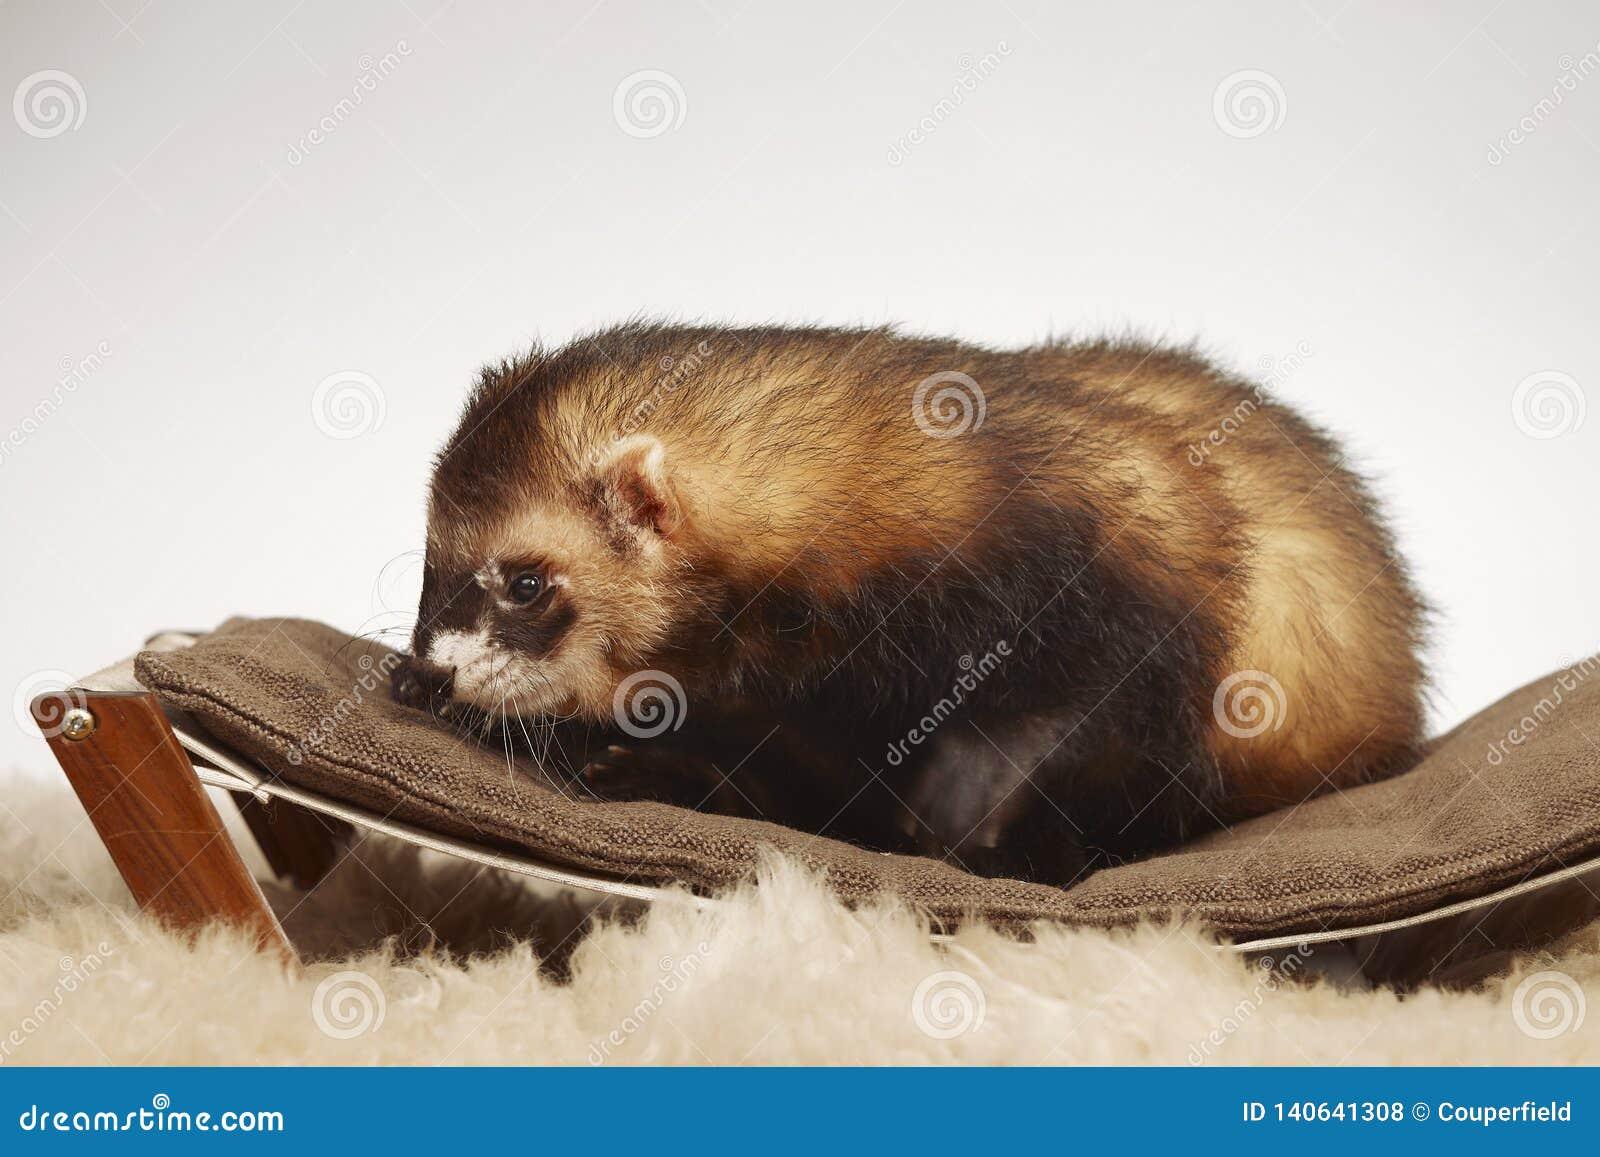 Standard color male ferret on sofa in studio - portrait